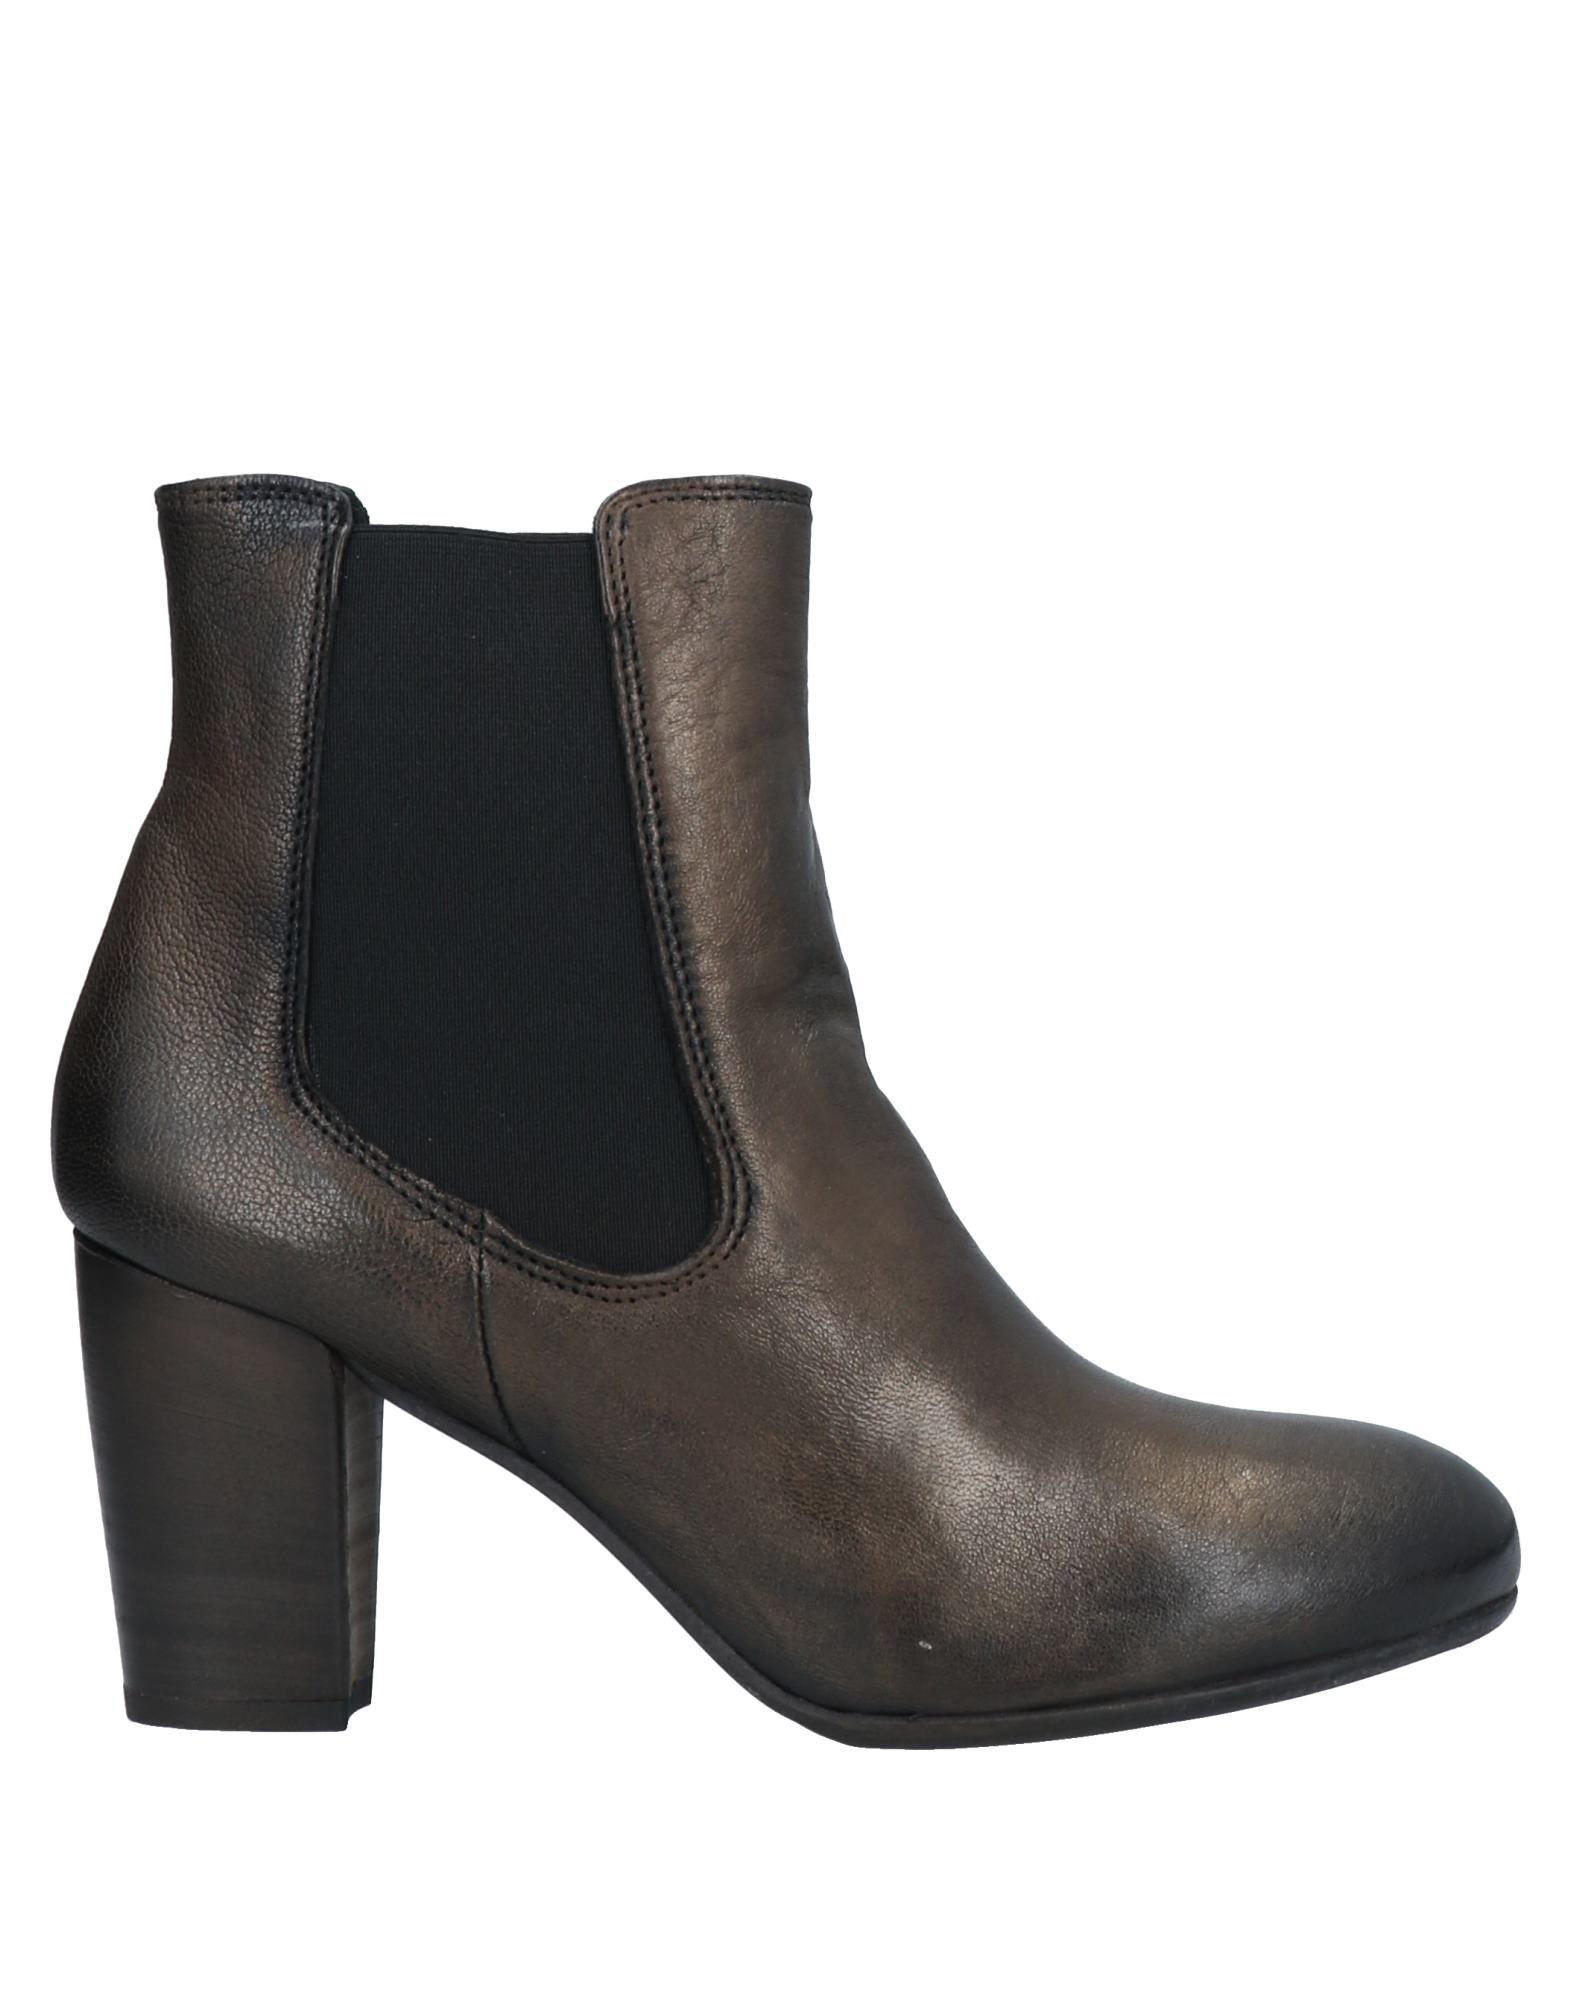 Фото - ZOE Полусапоги и высокие ботинки zoe полусапоги и высокие ботинки